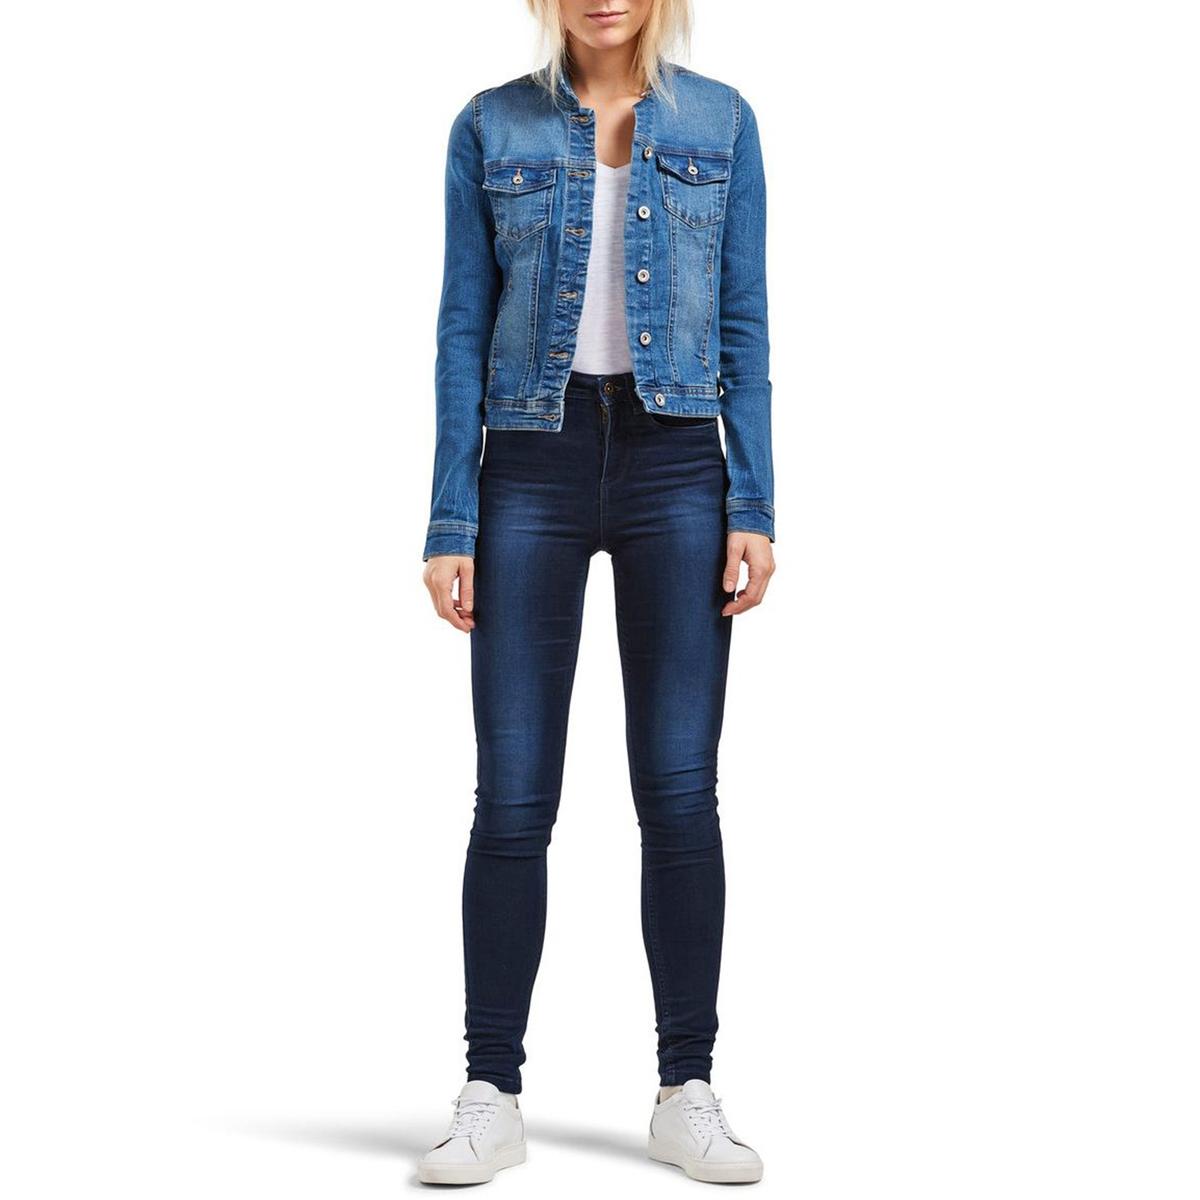 Жакет короткий джинсовый с длинными рукавамиДетали   •  Прямой покрой • Воротник-поло, рубашечный   Состав и уход •  75% хлопка, 1% эластана, 24% полиэстера    •  Следуйте советам по уходу, указанным на этикетке<br><br>Цвет: синий потертый